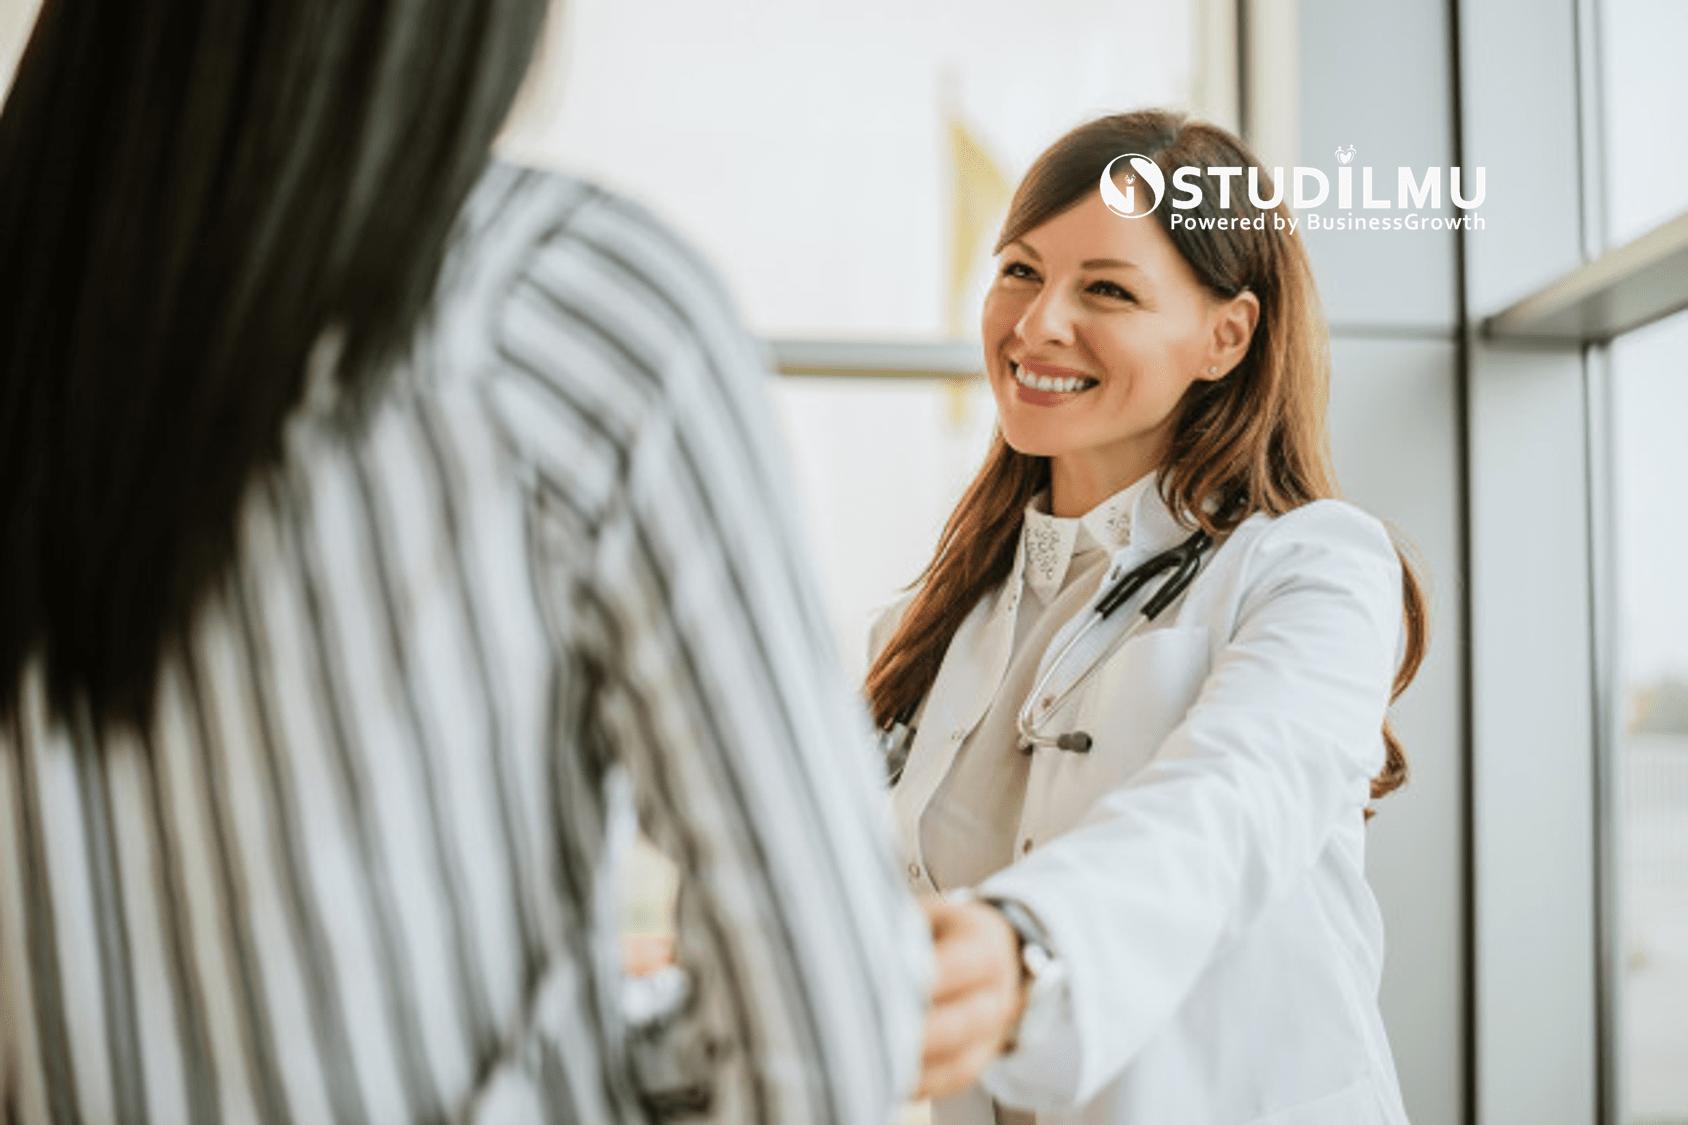 STUDILMU Career Advice - Empati adalah Hal yang Dibutuhkan untuk Mendapatkan Kesuksesan